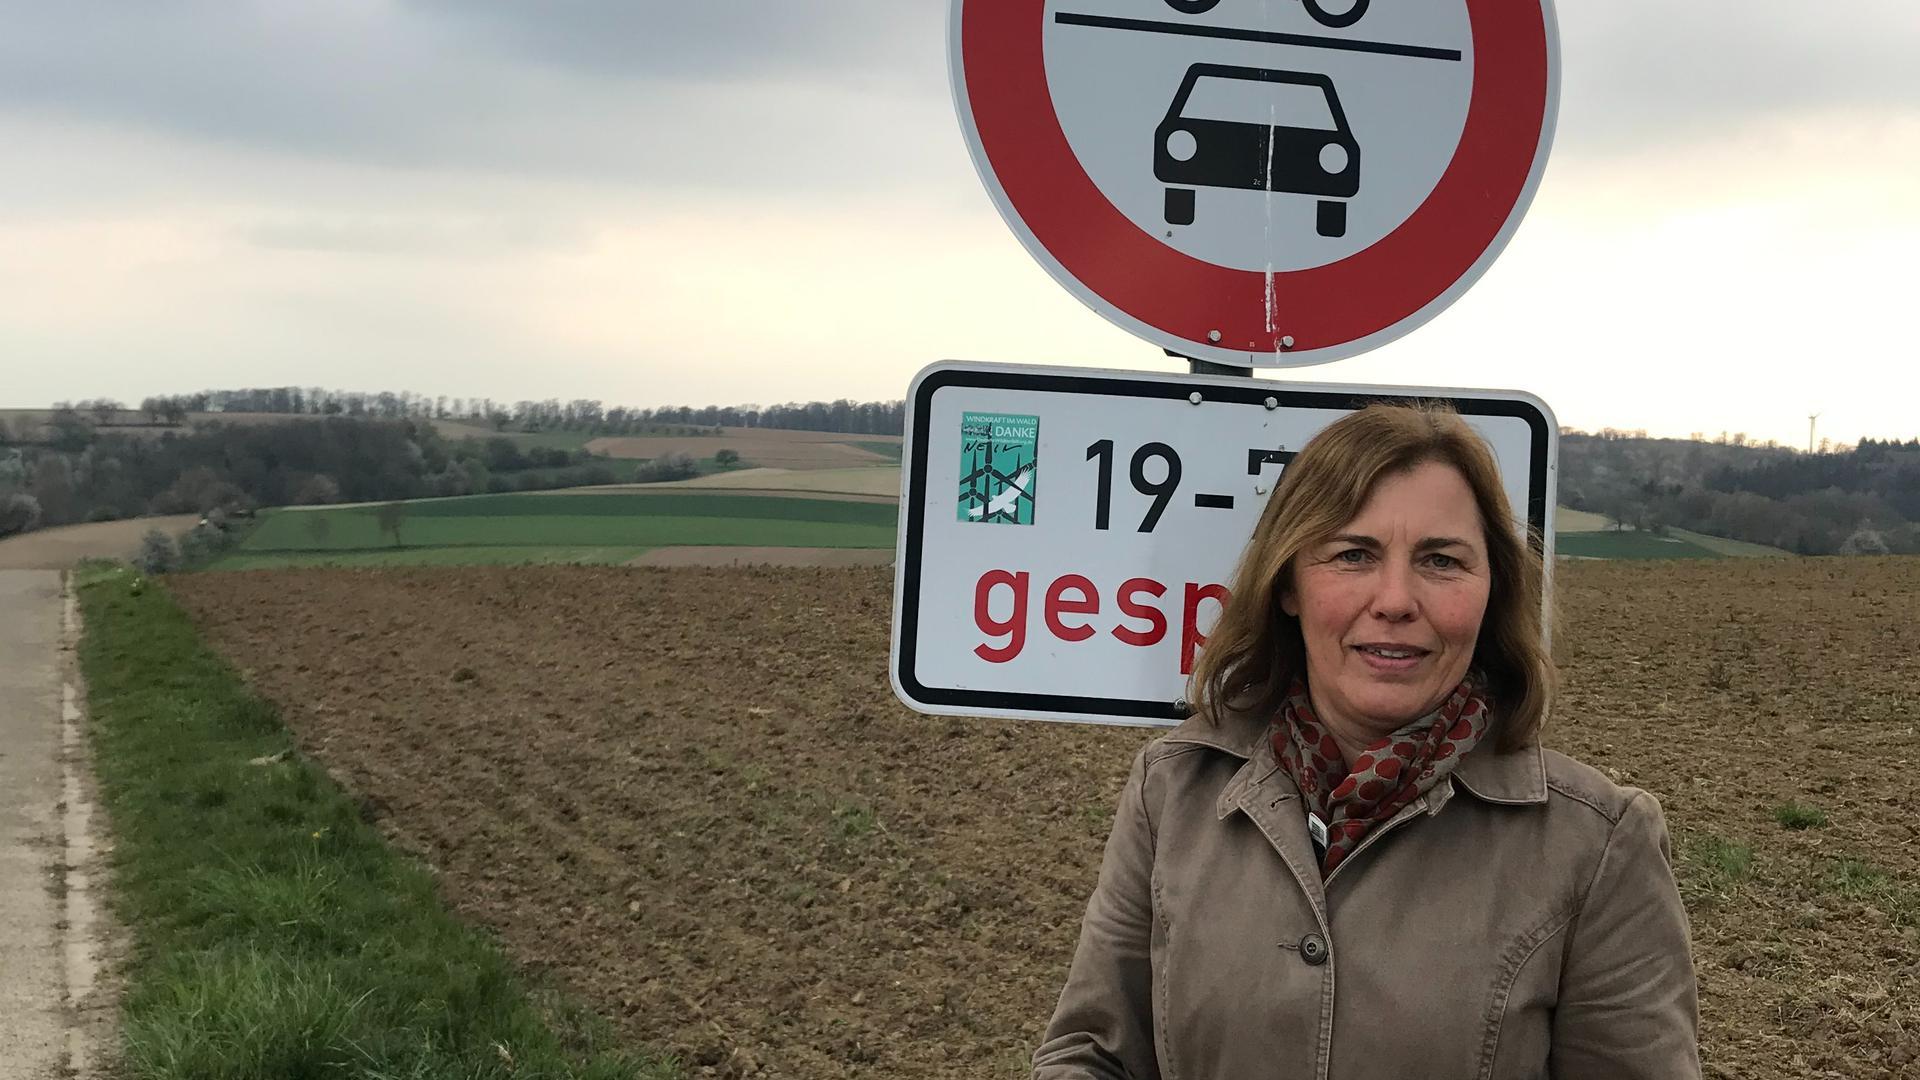 """Susanne Görner engagiert sich bei der Weingartener """"Gegenwind""""-Ortsgruppe. Sie warnt, dass unter anderem der Artenschutz verletzt werde, wenn auf der Fläche hinter ihr Windkraft-Anlagen angebracht werden."""